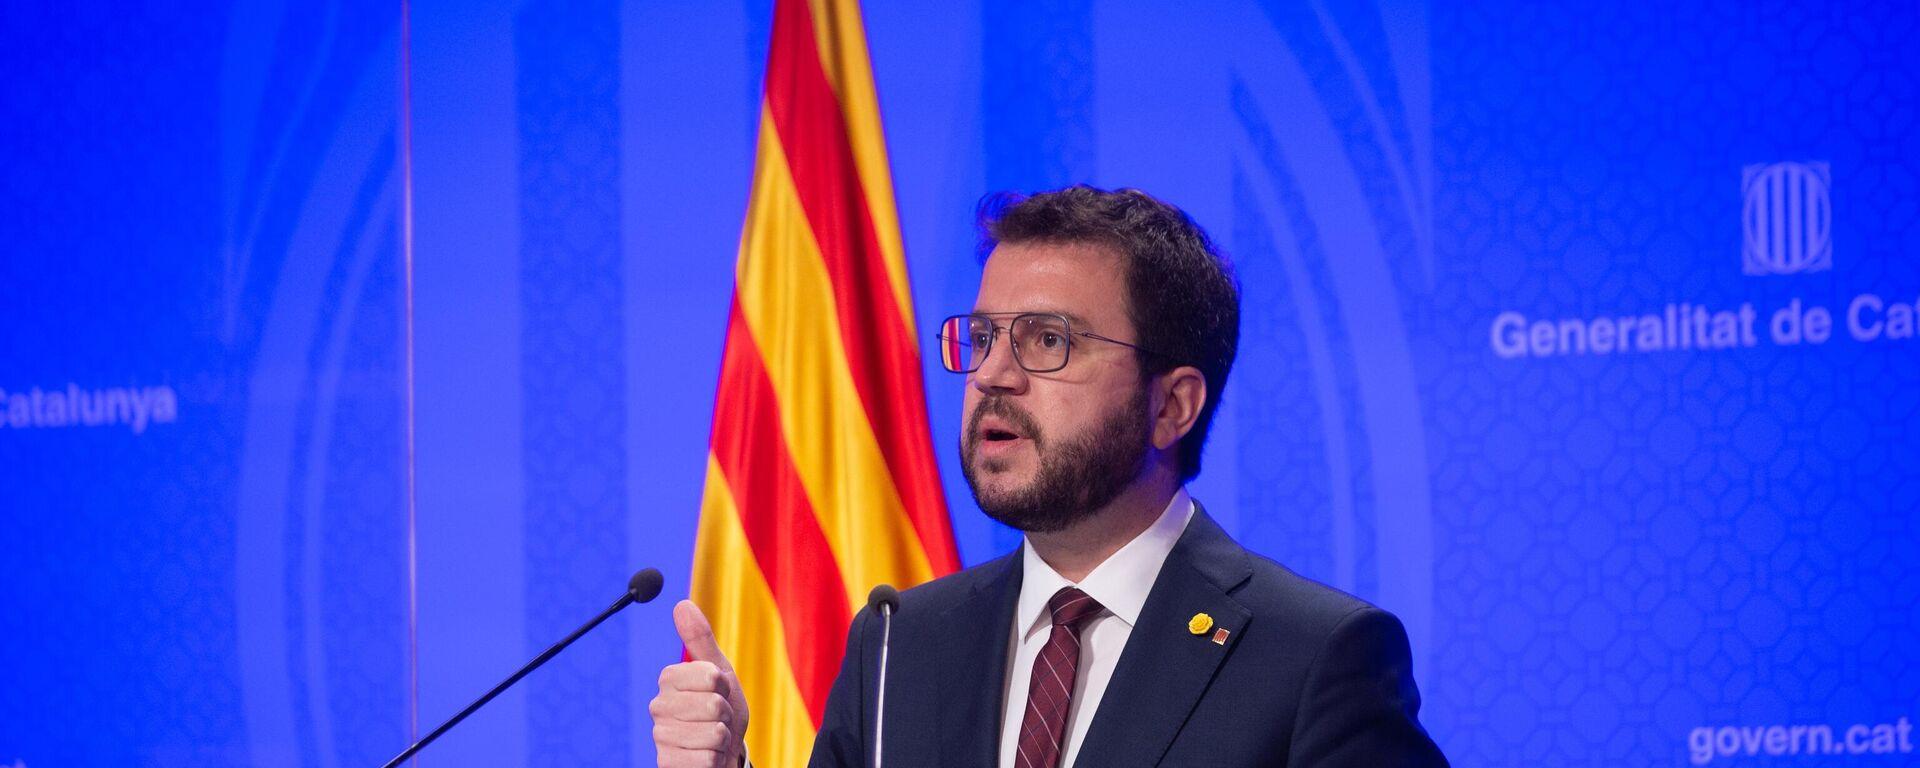 Pere Aragonès, vicepresidente de la Generalitat de Cataluña en funciones - Sputnik Mundo, 1920, 08.09.2021